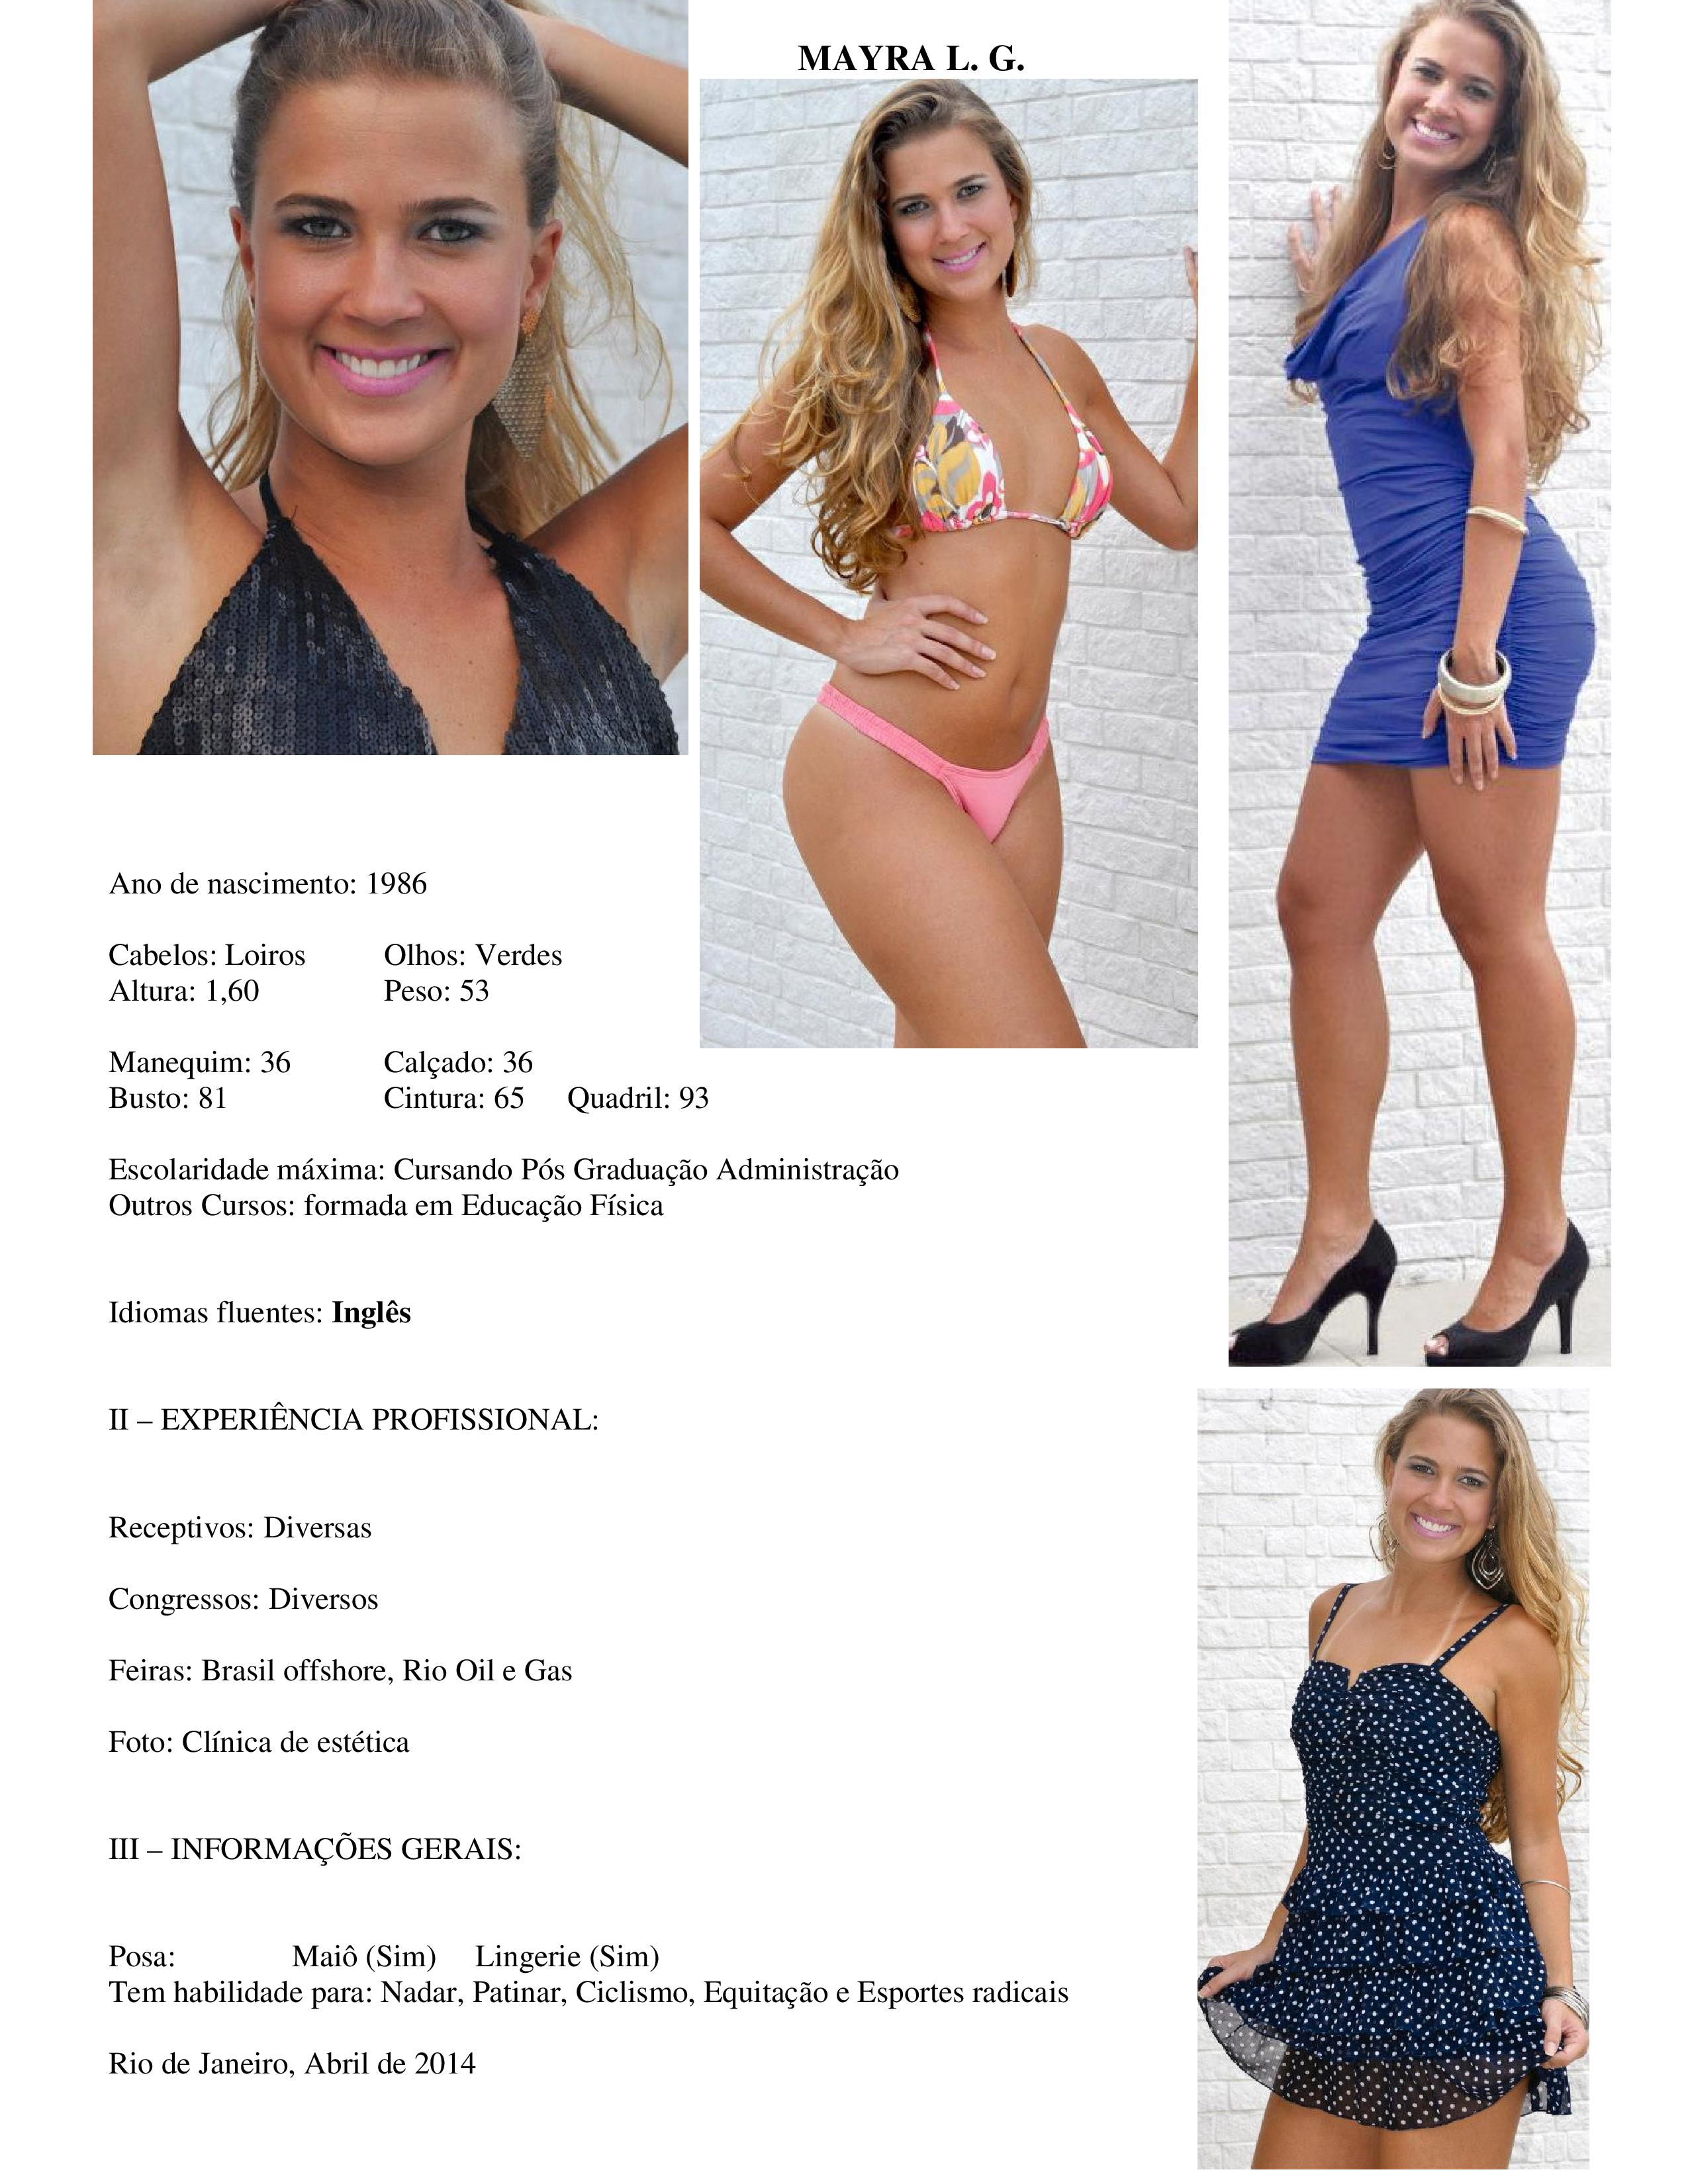 Mayra Lobo-page-001 (1)